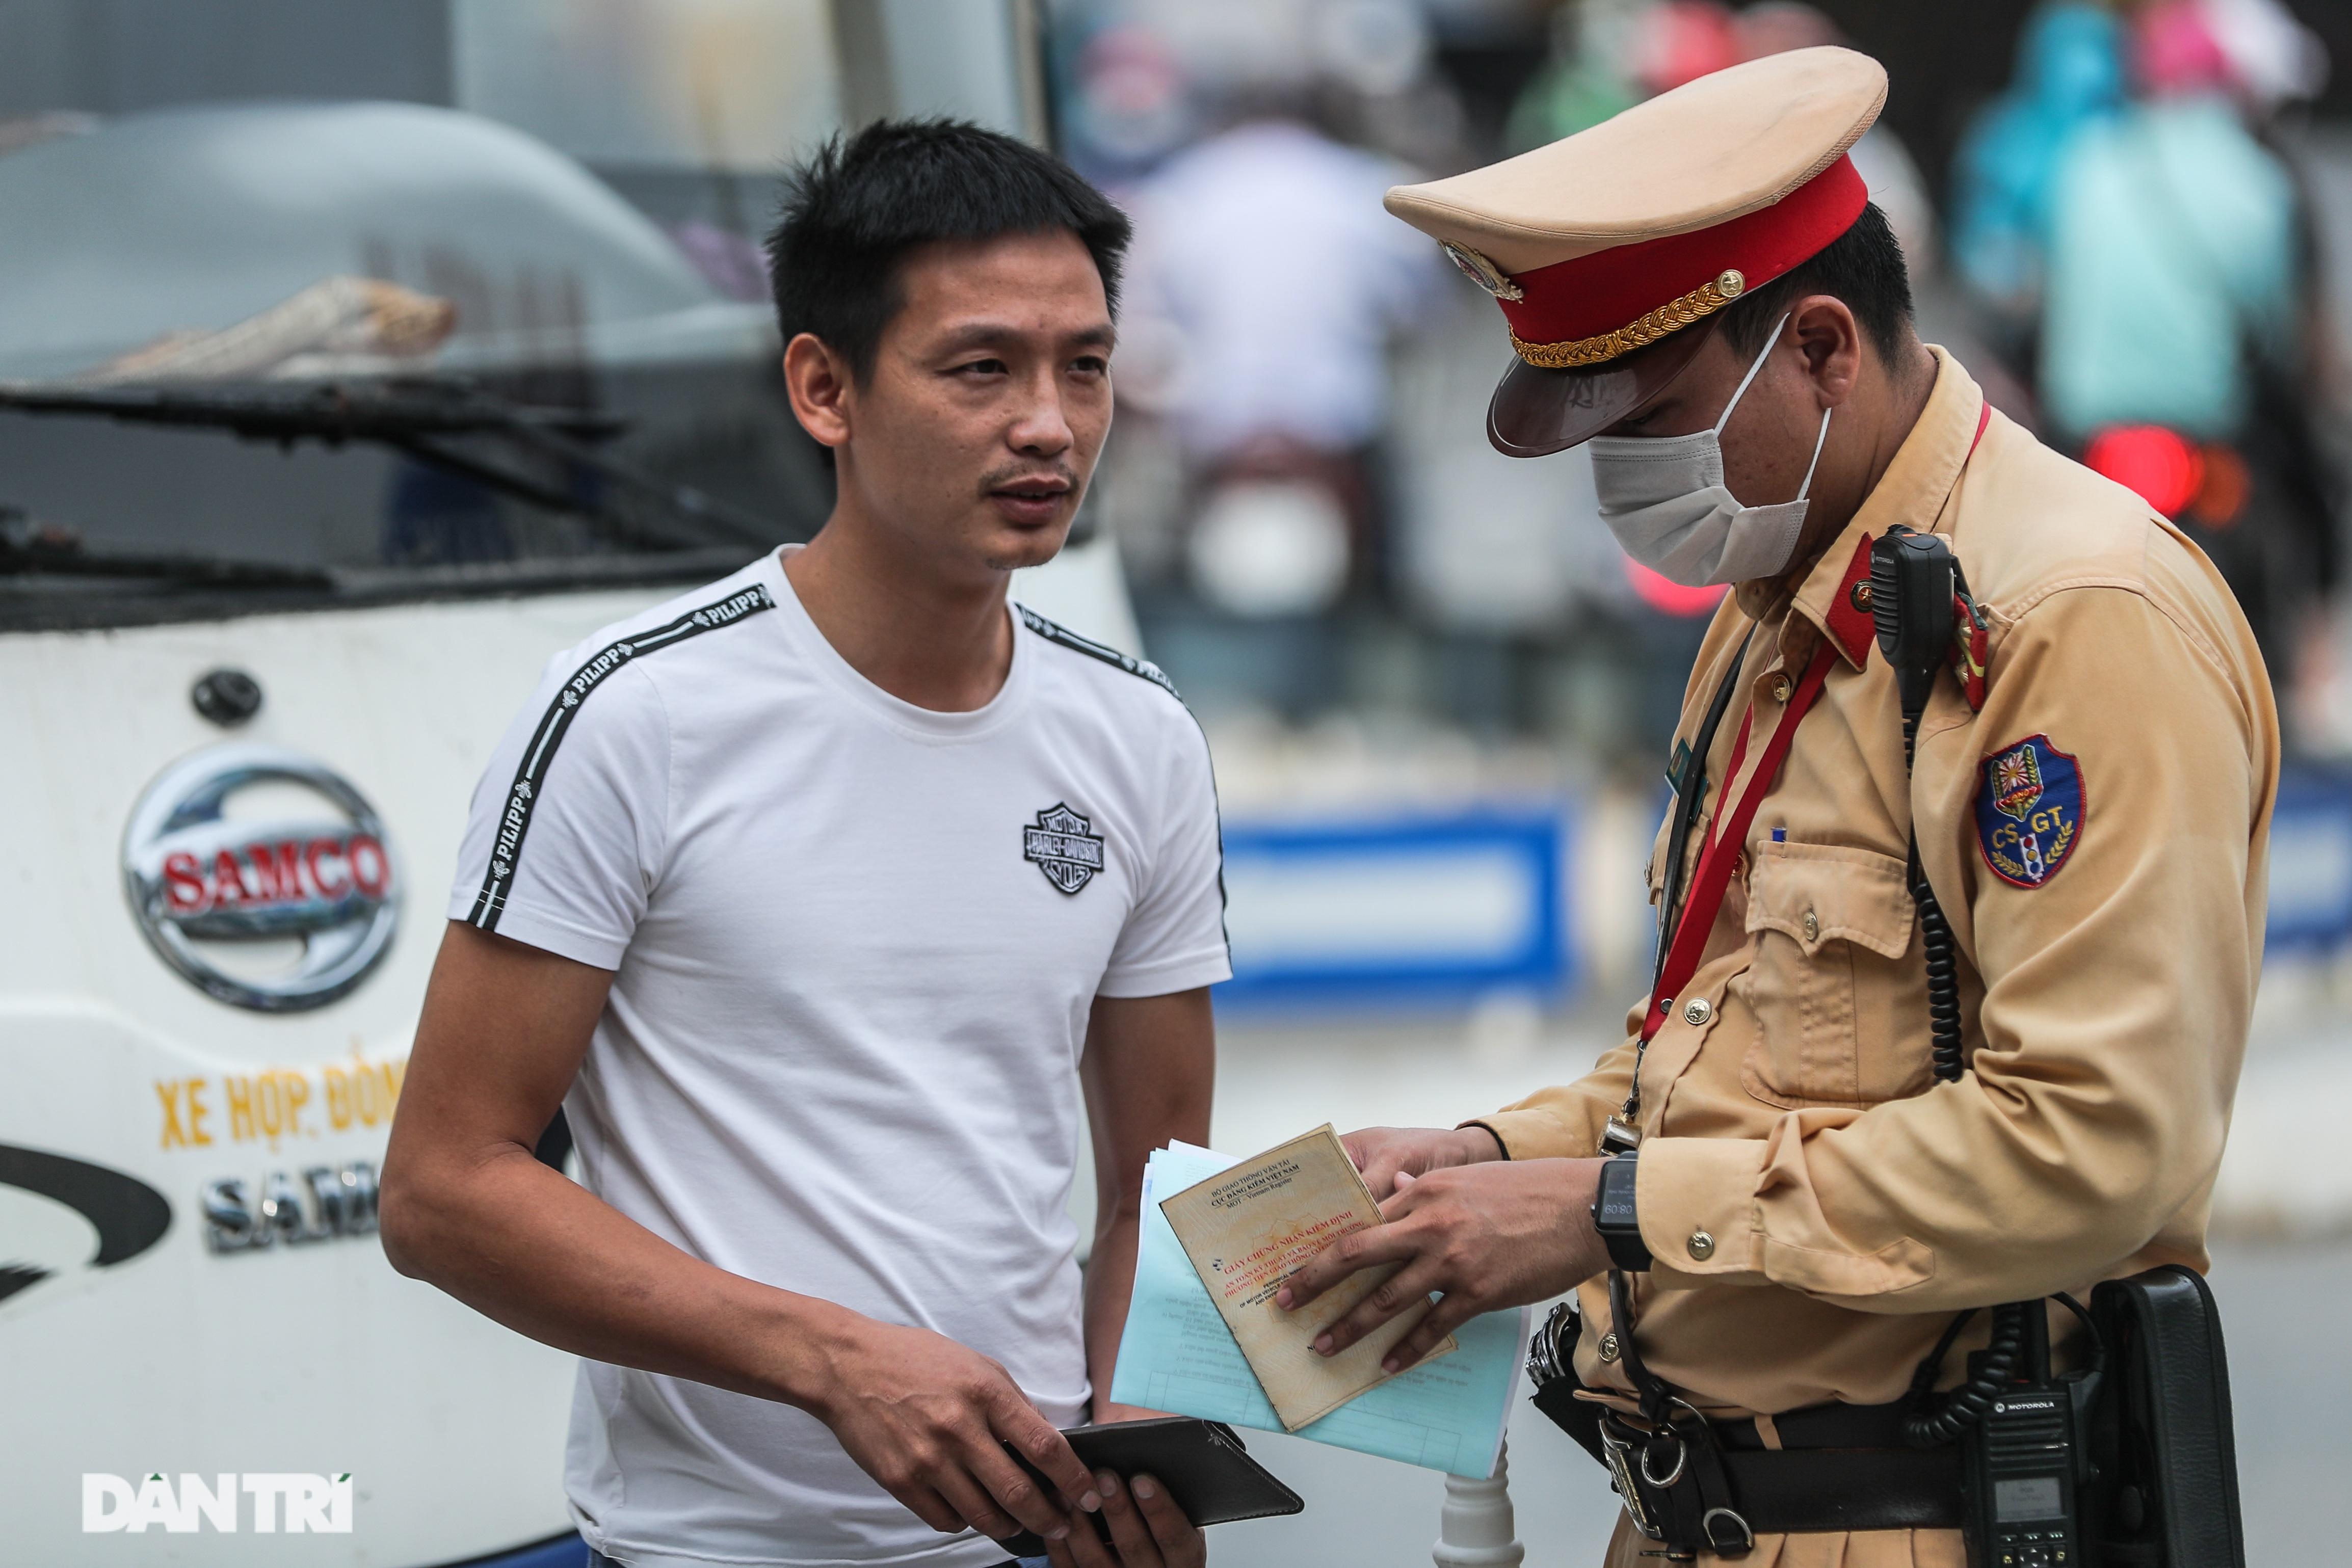 Hà Nội: Chim mồi bám CSGT và cú điện thoại mật báo tới nhà xe - 6